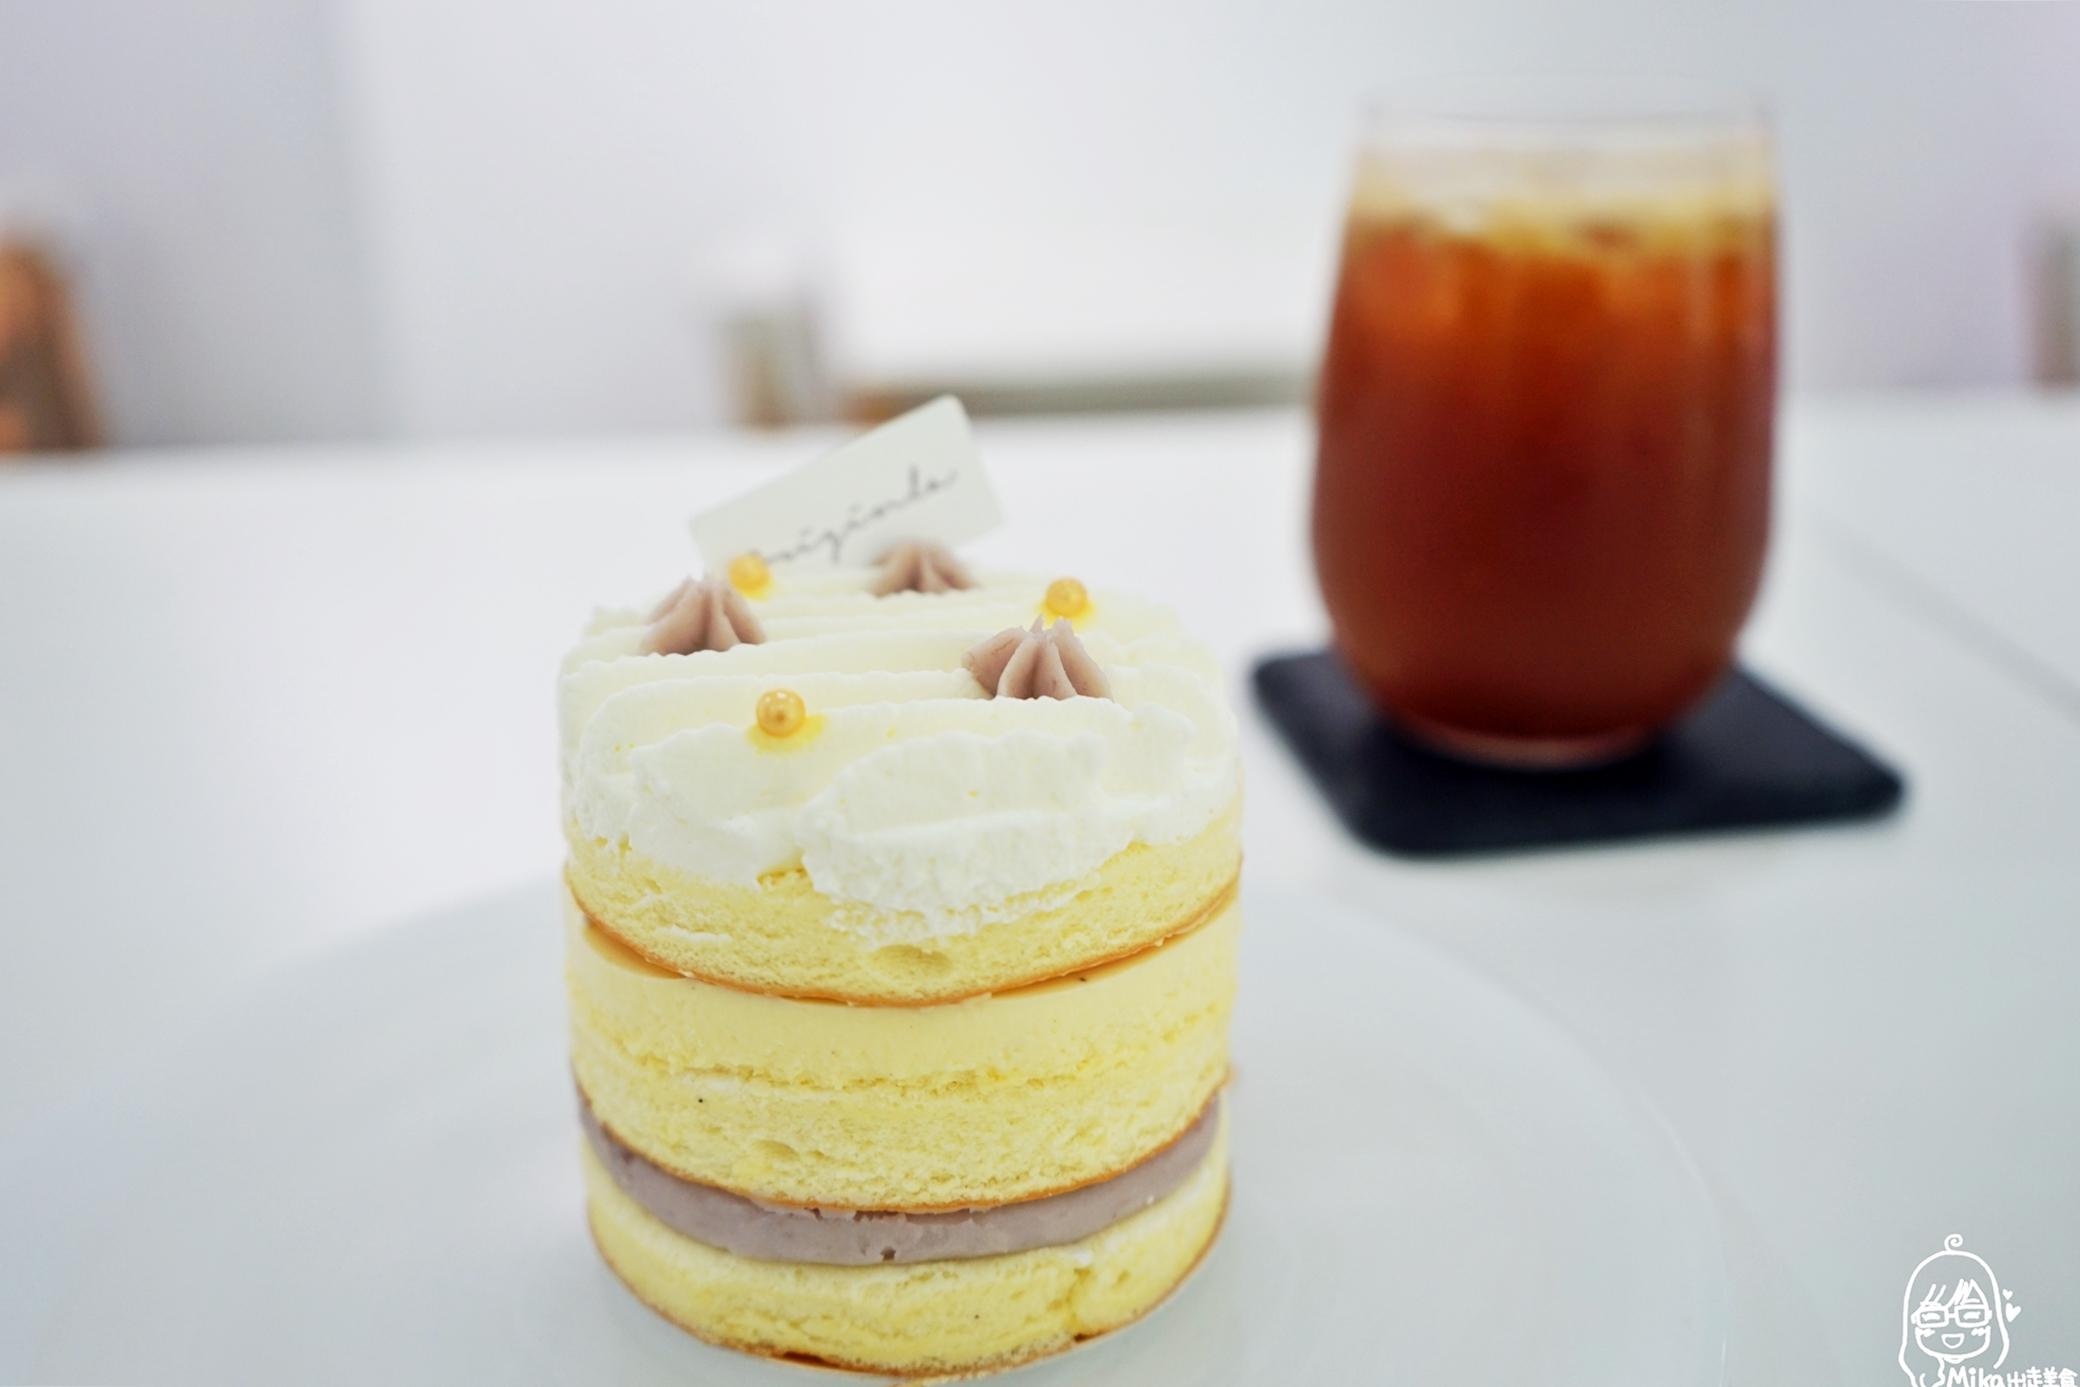 最新推播訊息:生活不難、只是需要適度的為自己加一點甜。寬敞明亮純白空間,質感推薦戚風蛋糕、慕斯、千層。